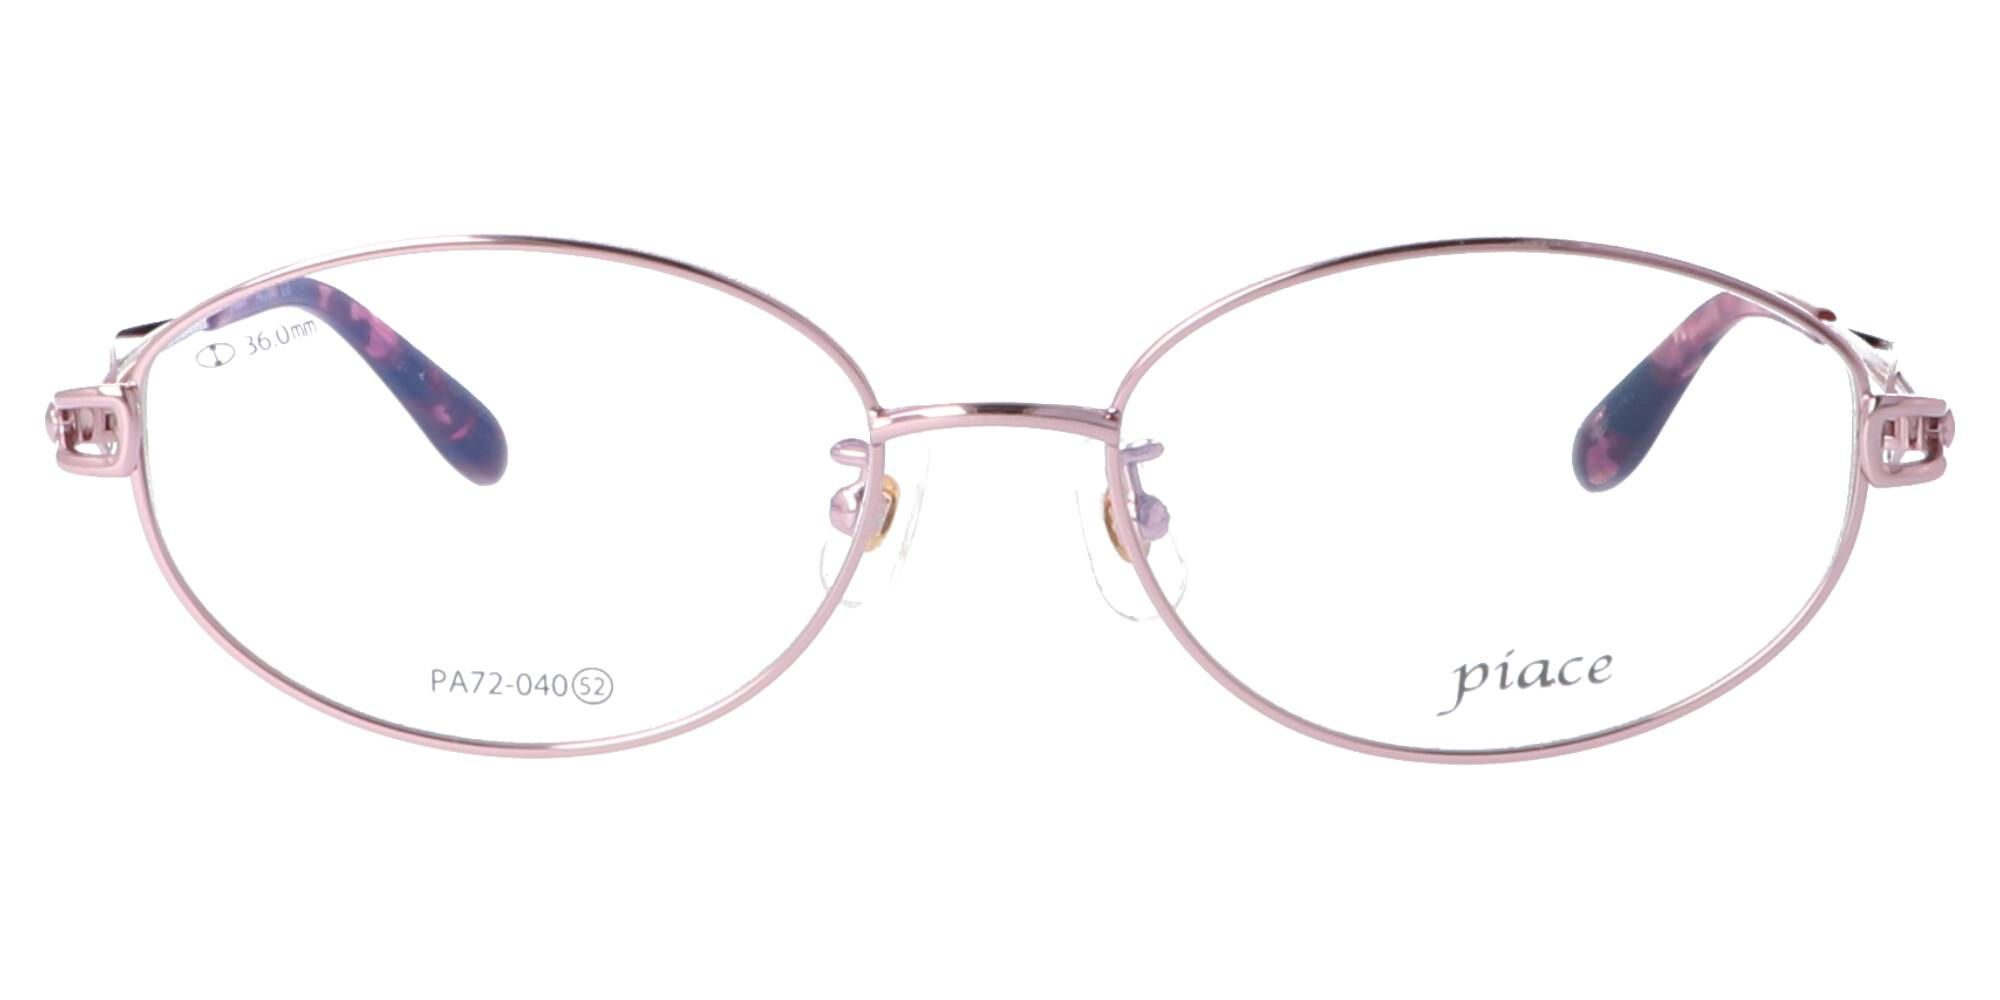 ピアーチェ PA72-040_52_ピンク